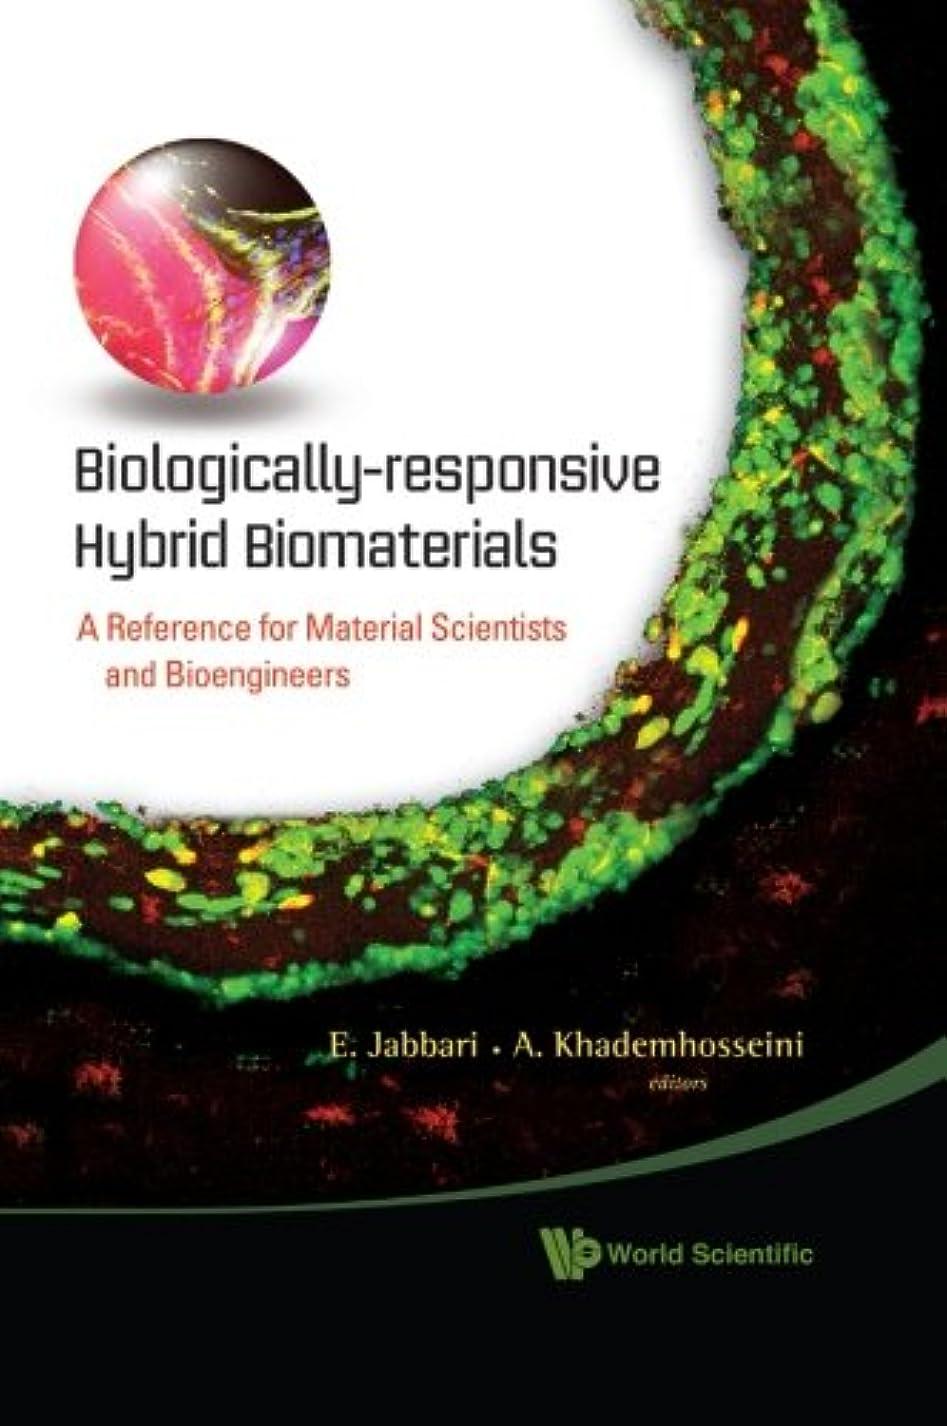 テニスライバル芸術Biologically-responsive Hybrid Biomaterials: A Reference for Material Scientists and Bioengineers